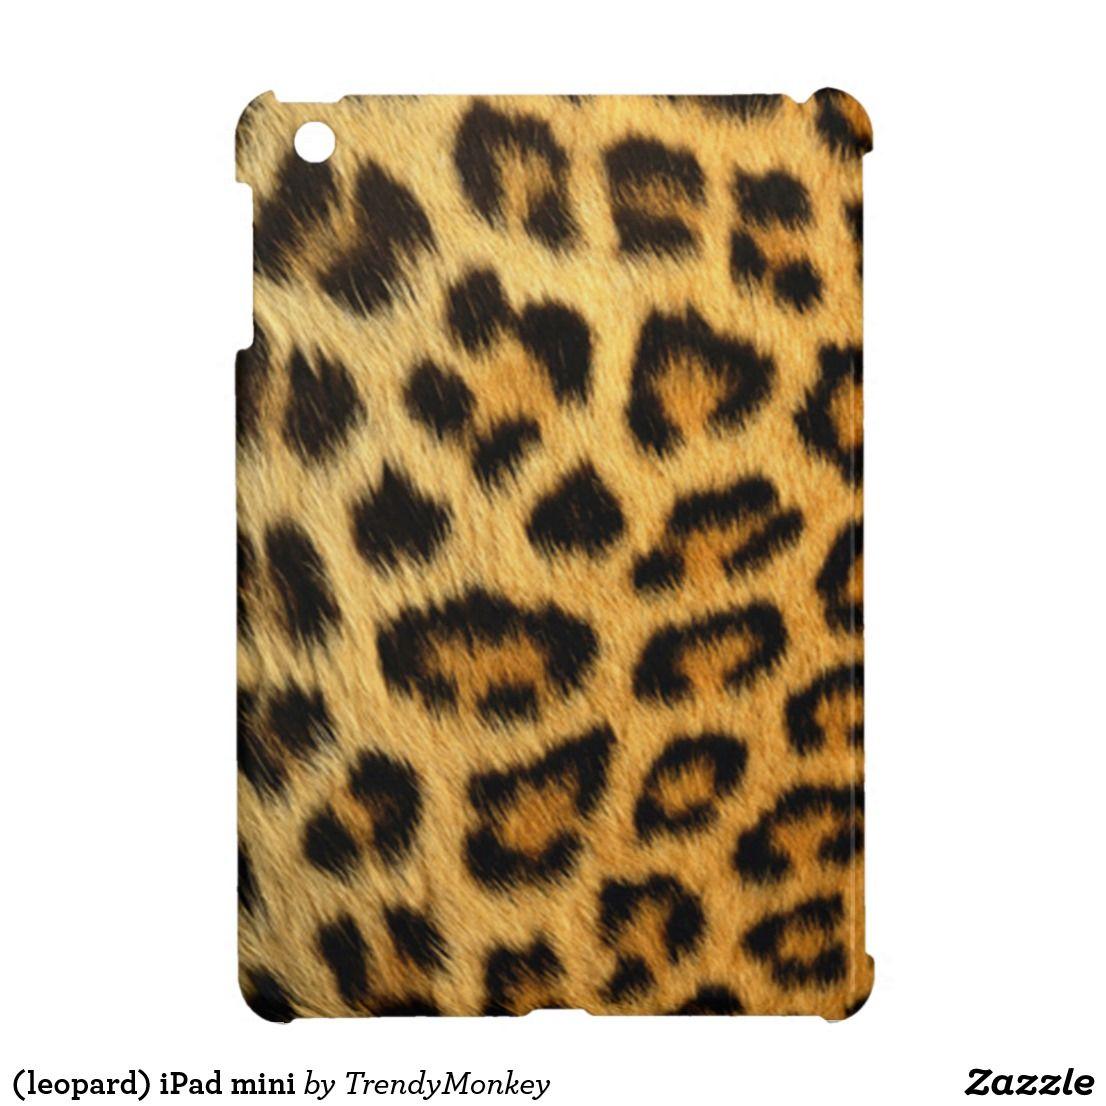 leopard ipad mini ipad